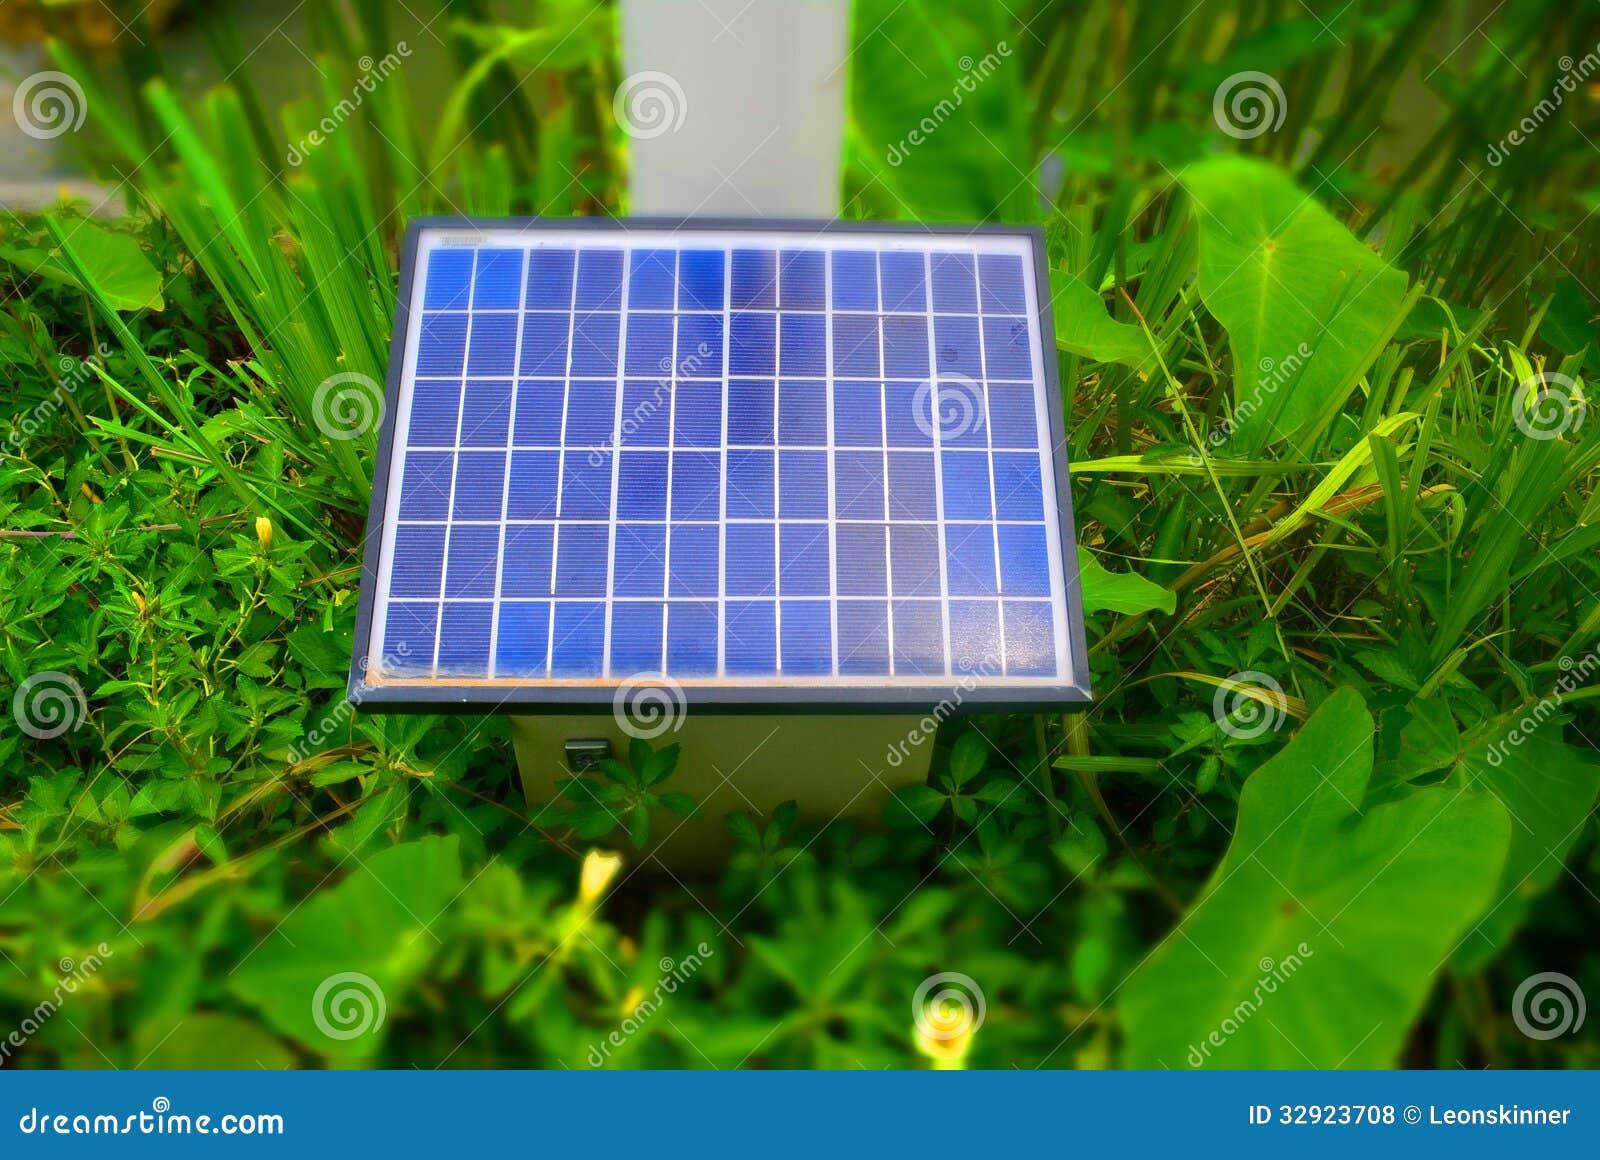 solar panel in green garden royalty free stock photos